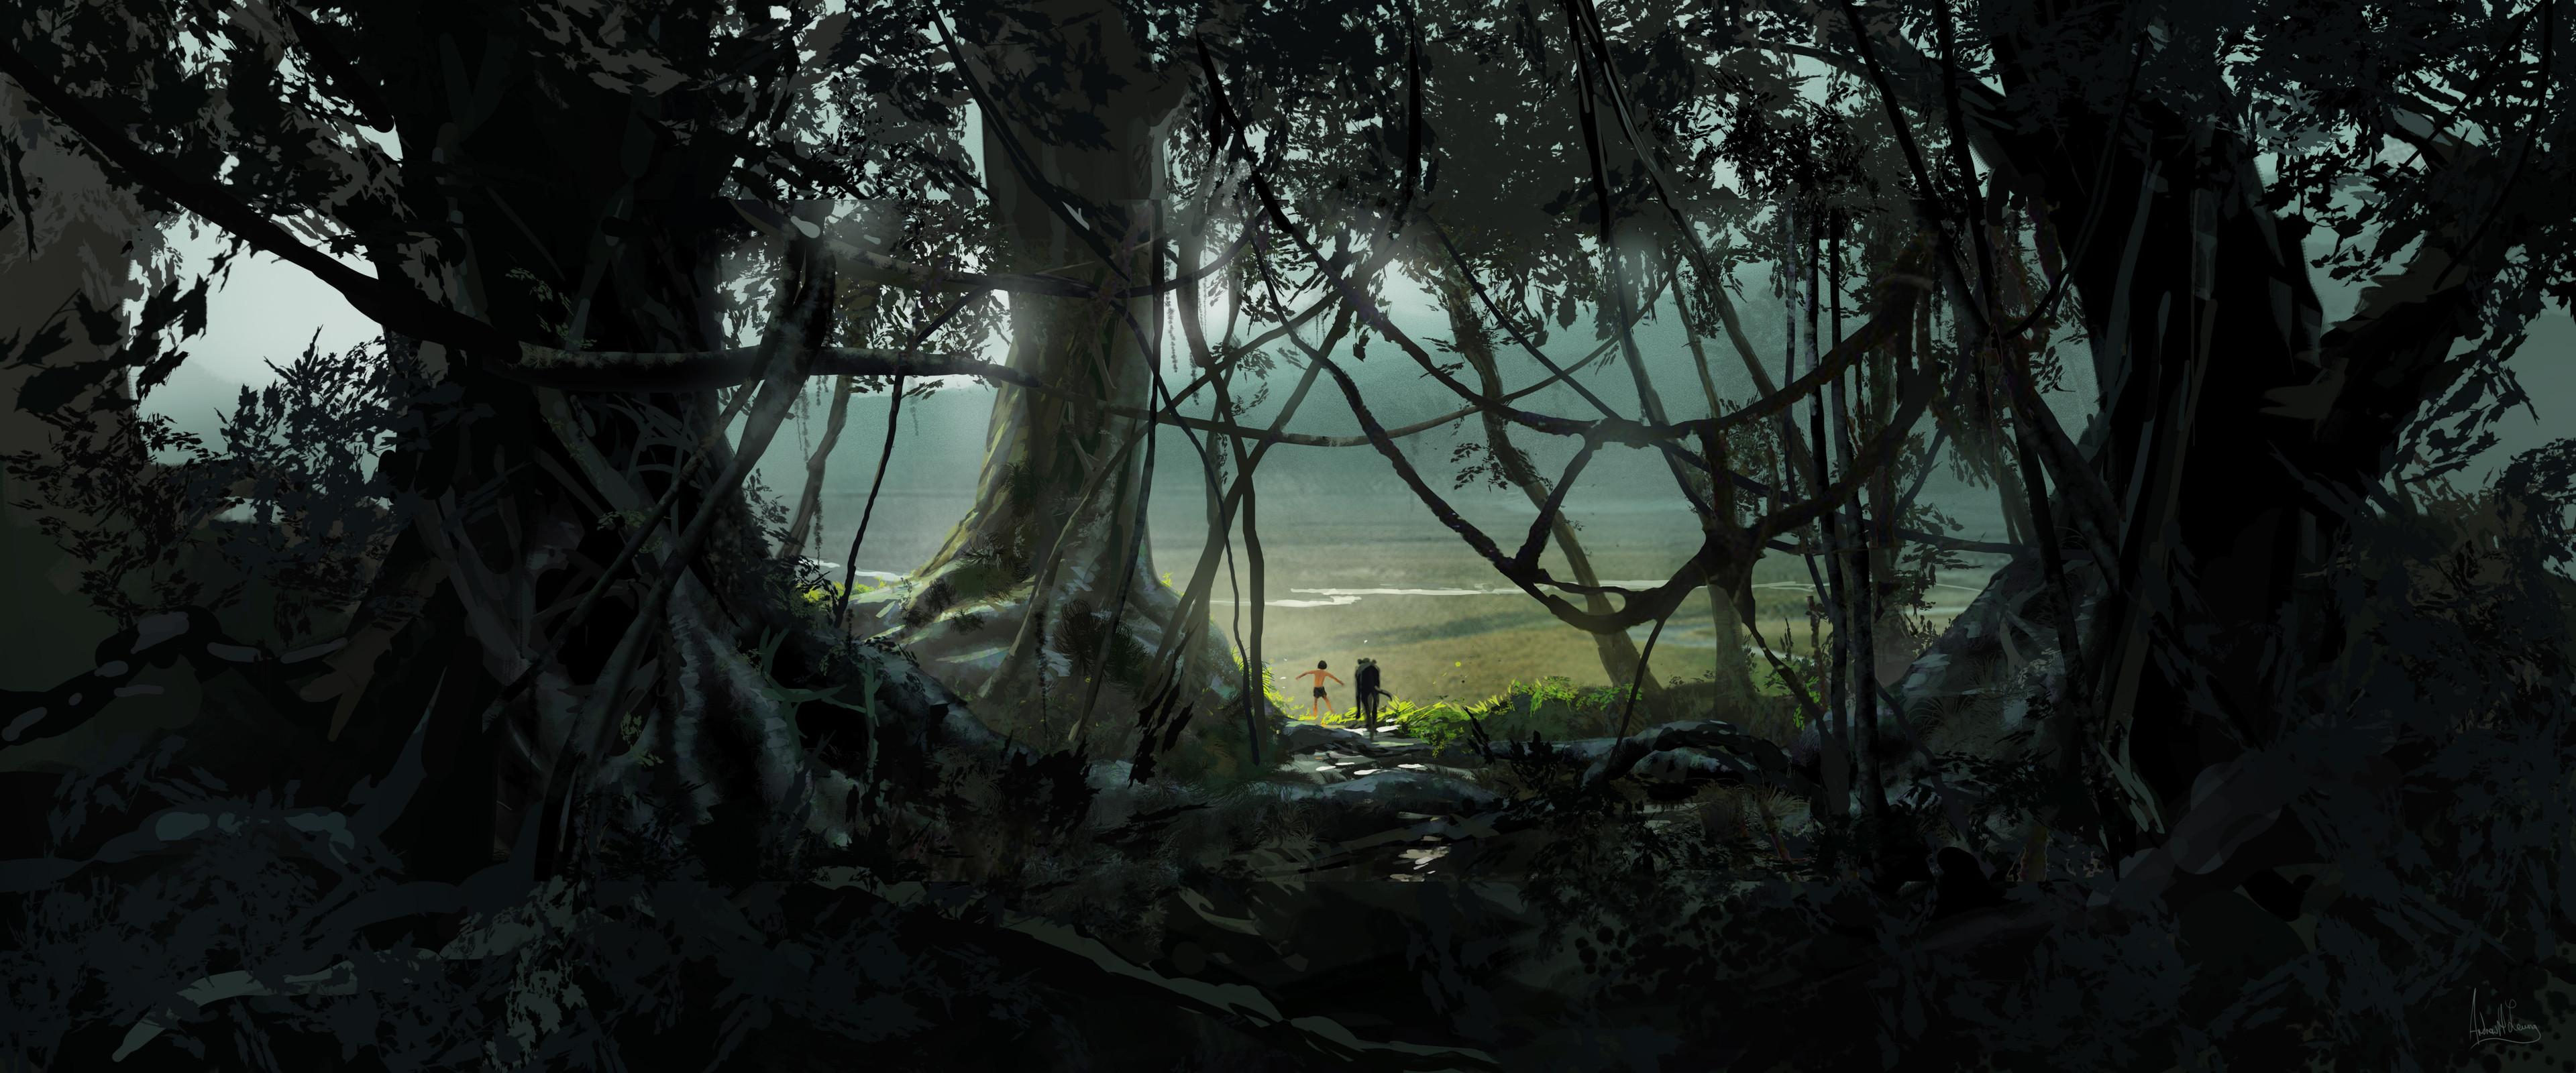 Le Livre de la Jungle [Disney - 2016] - Page 15 Andrew-leung-moglieedgeforest-v06-al-140415